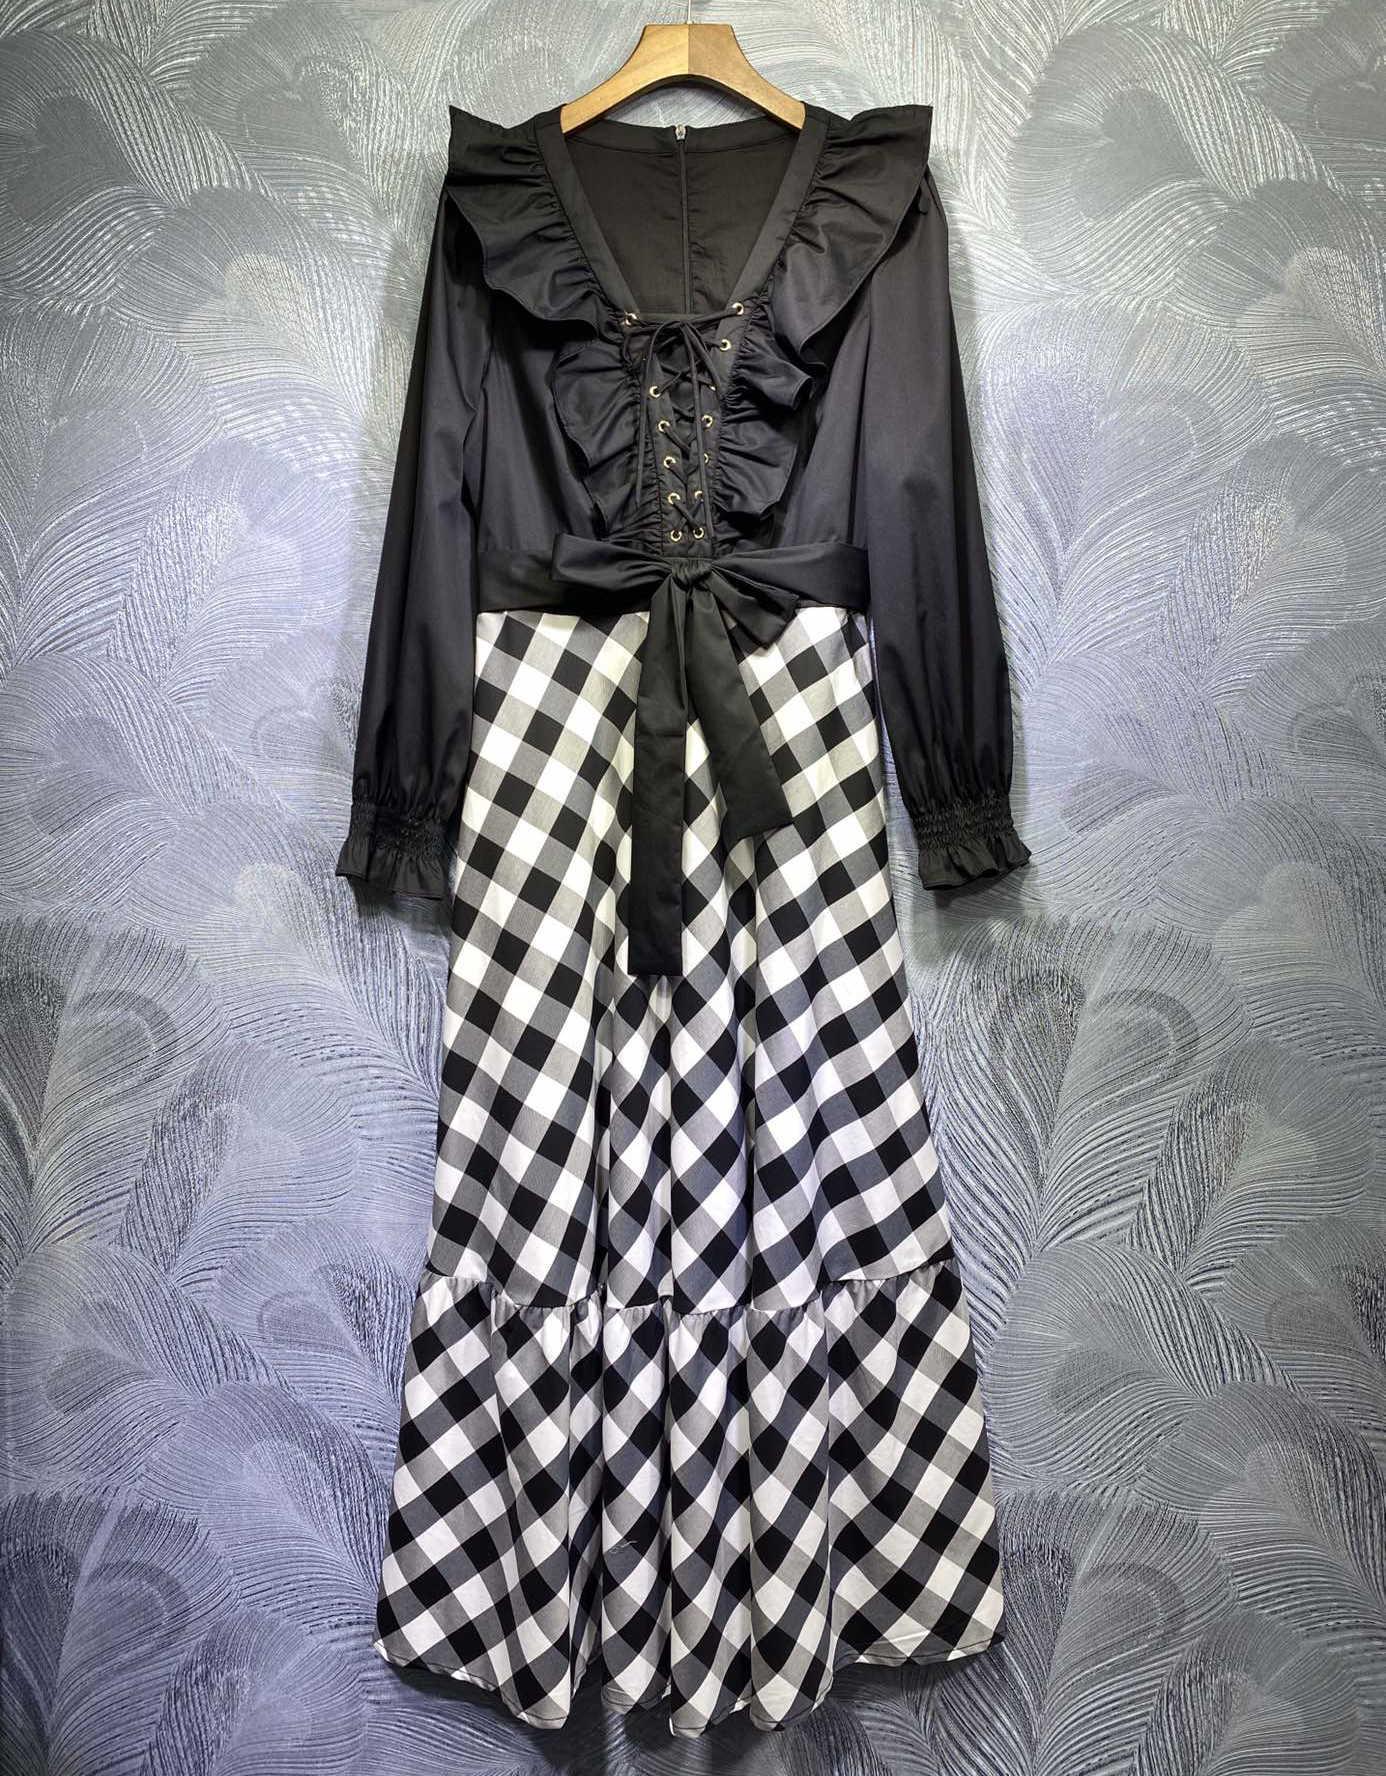 10,7 herbst neue 2020 mode elegante kleider retro v-ausschnitt lace-up mit  rüschen plaid patchwork bogen lange hülse mid-kalb kleid damen